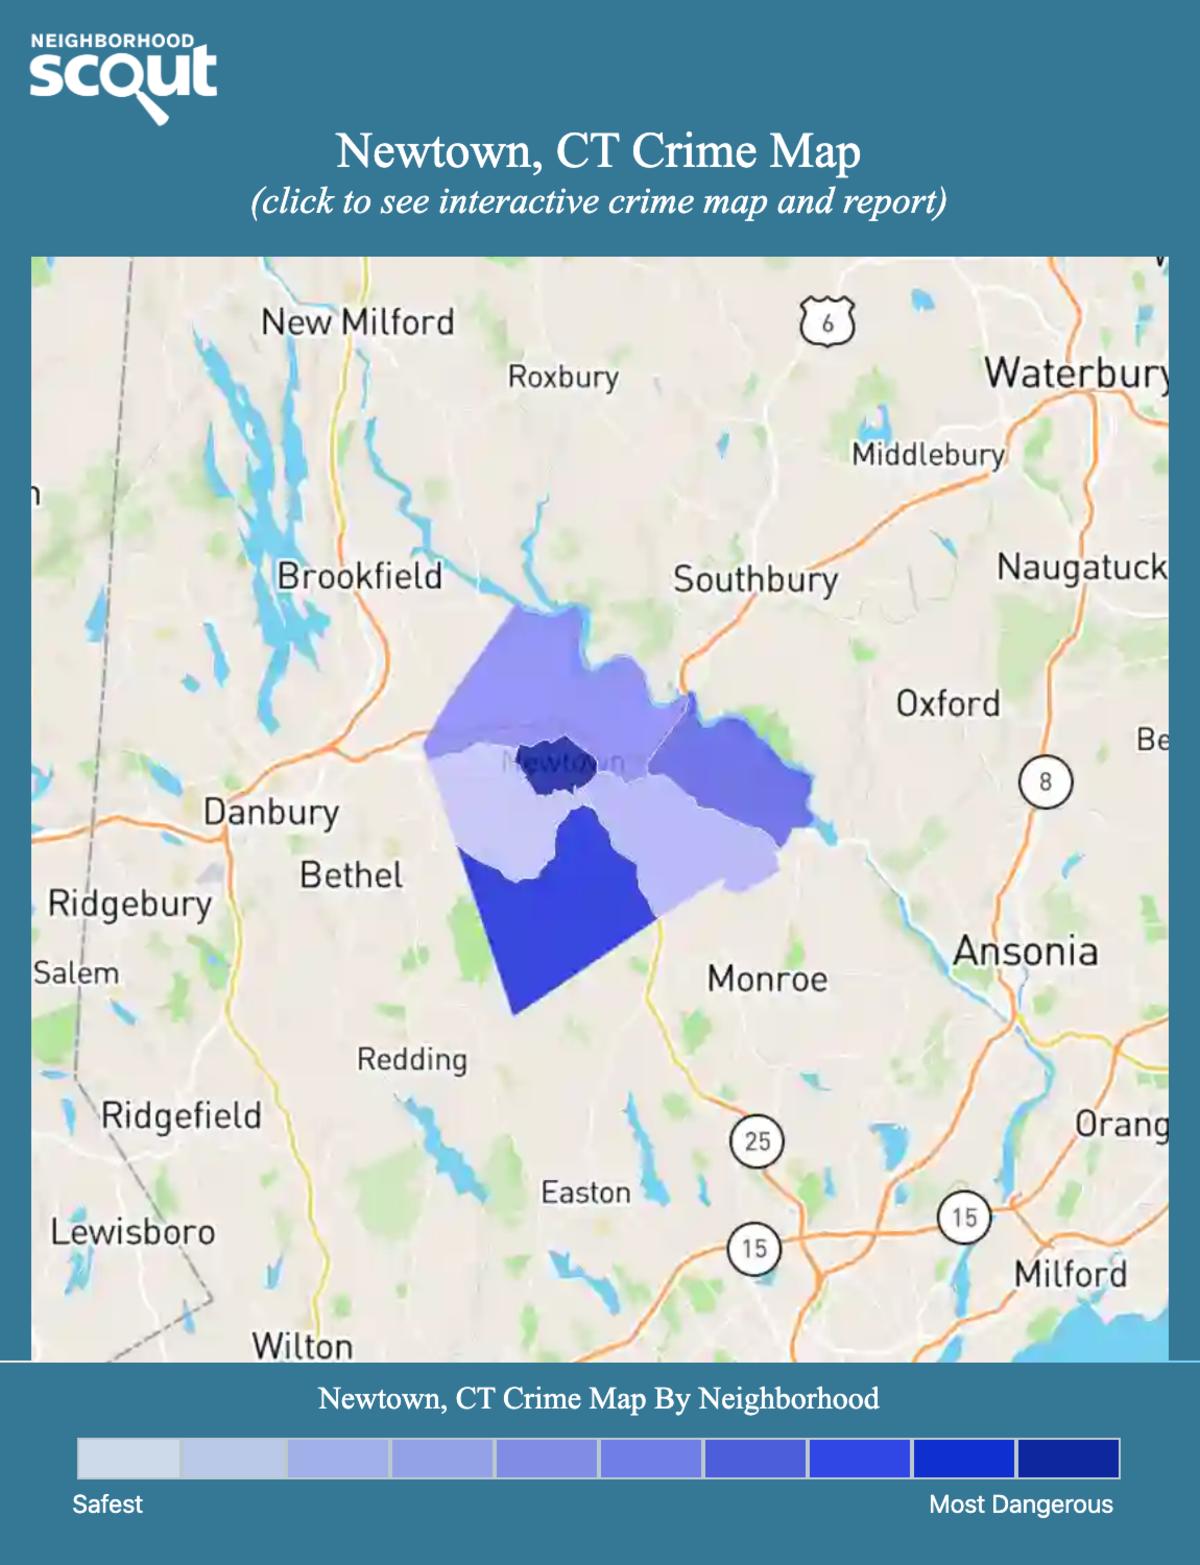 Newtown, Connecticut crime map